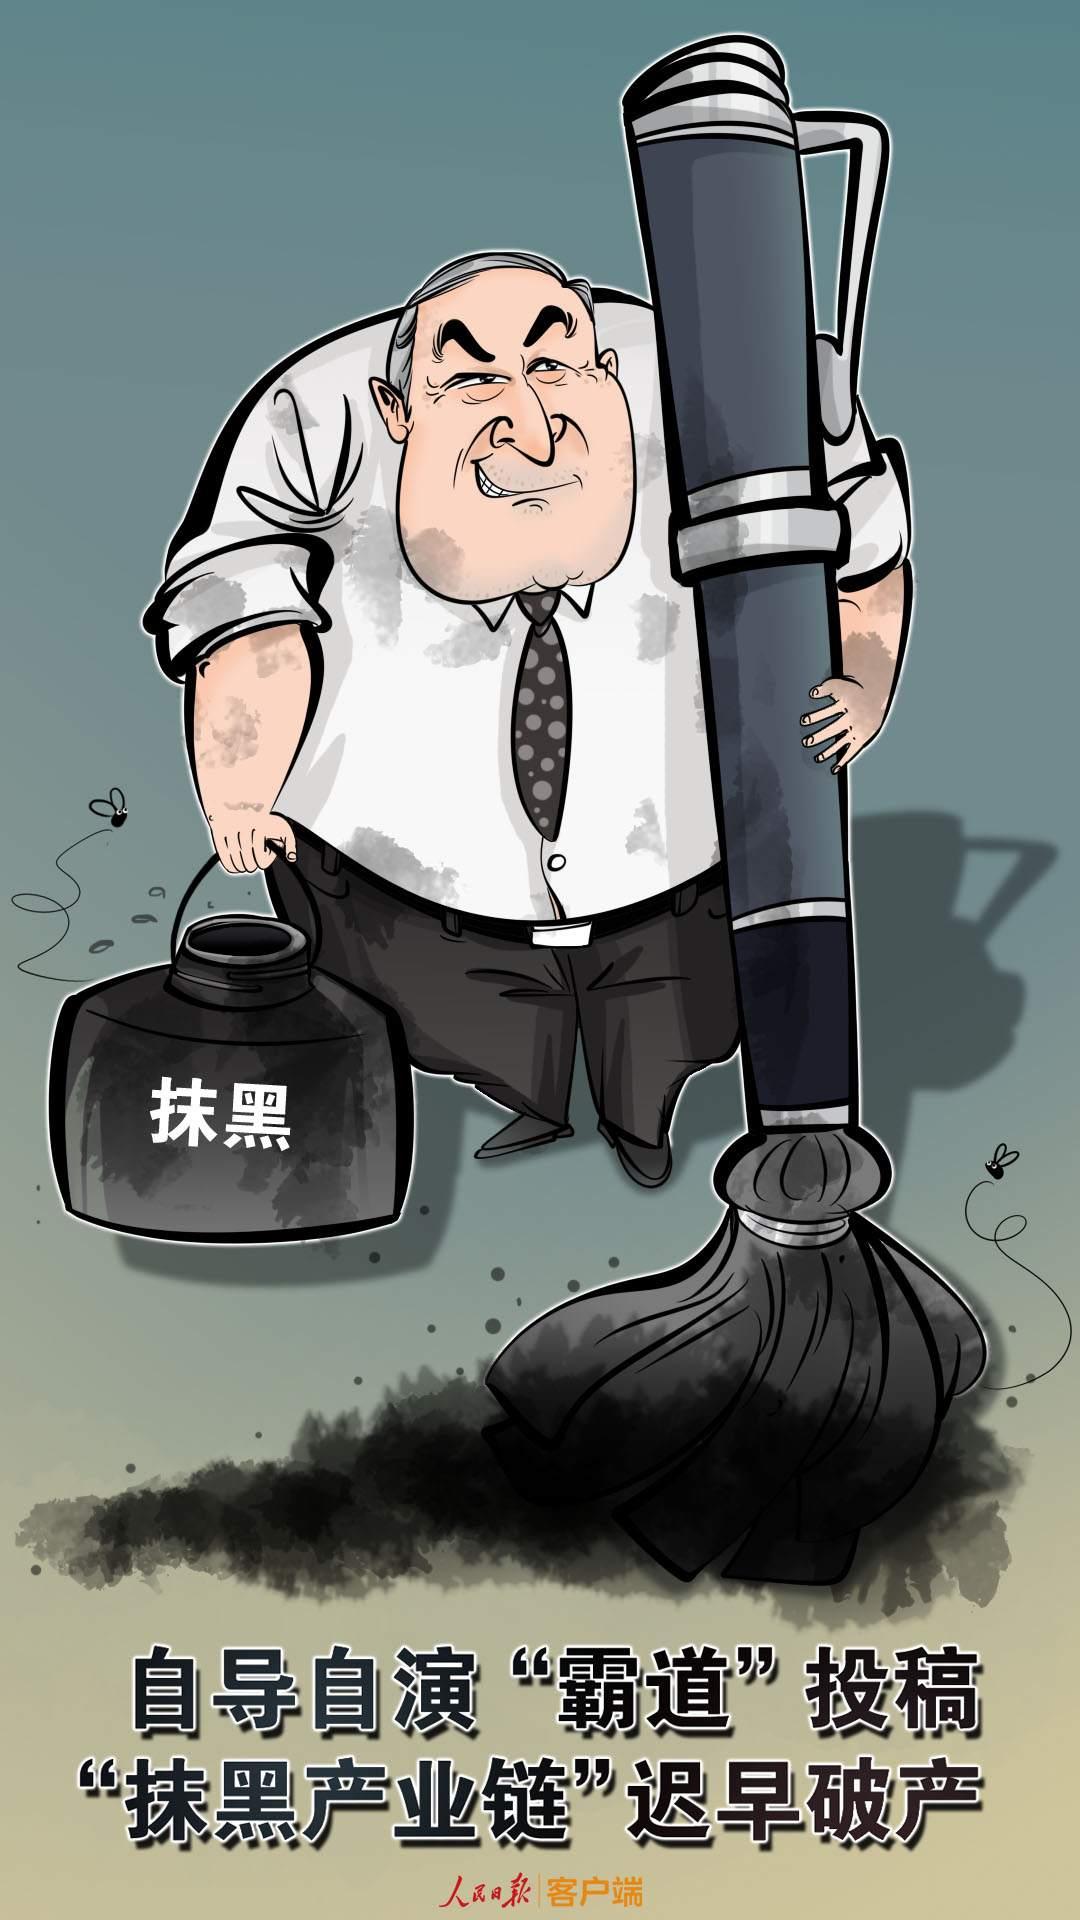 人民锐评:栽赃抹黑打压中国媒体 美霸凌手段实在拙劣